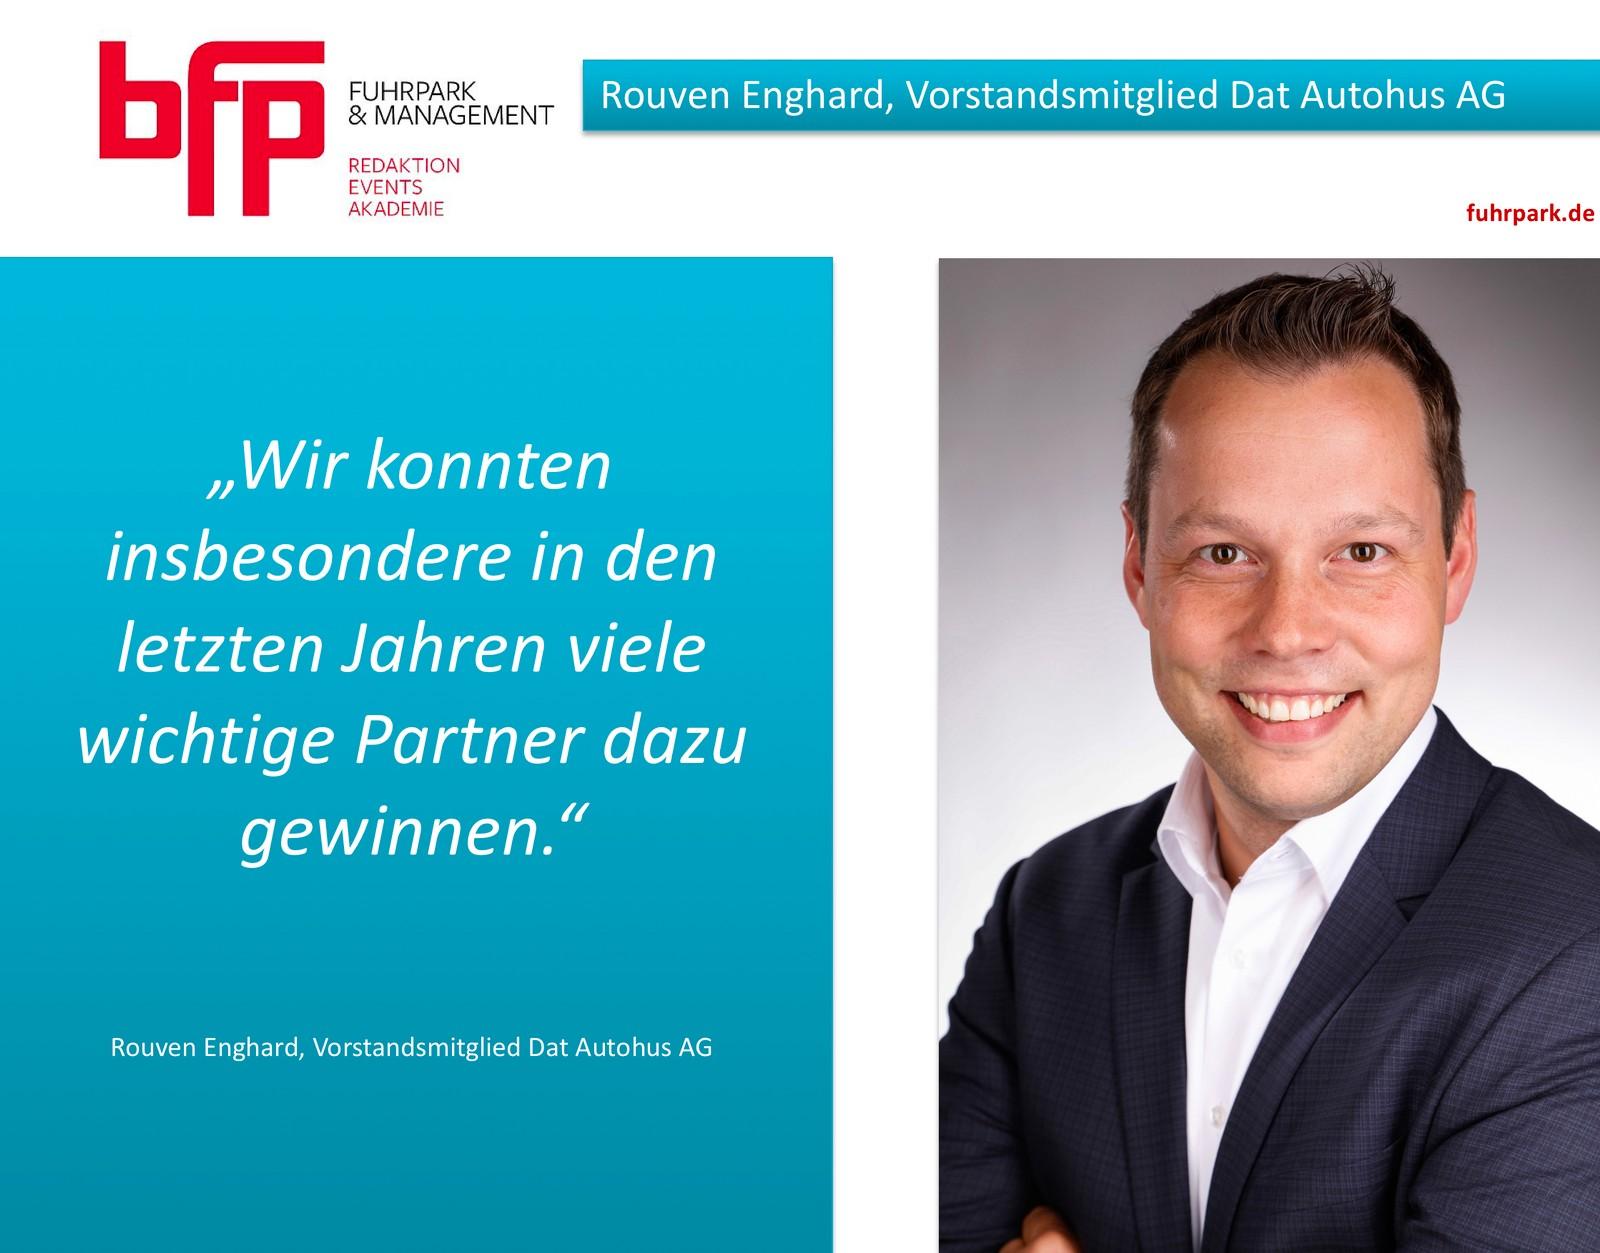 Dat Autohus Erweitert Seinen Vorstand Rouven Enghard Wird An Der